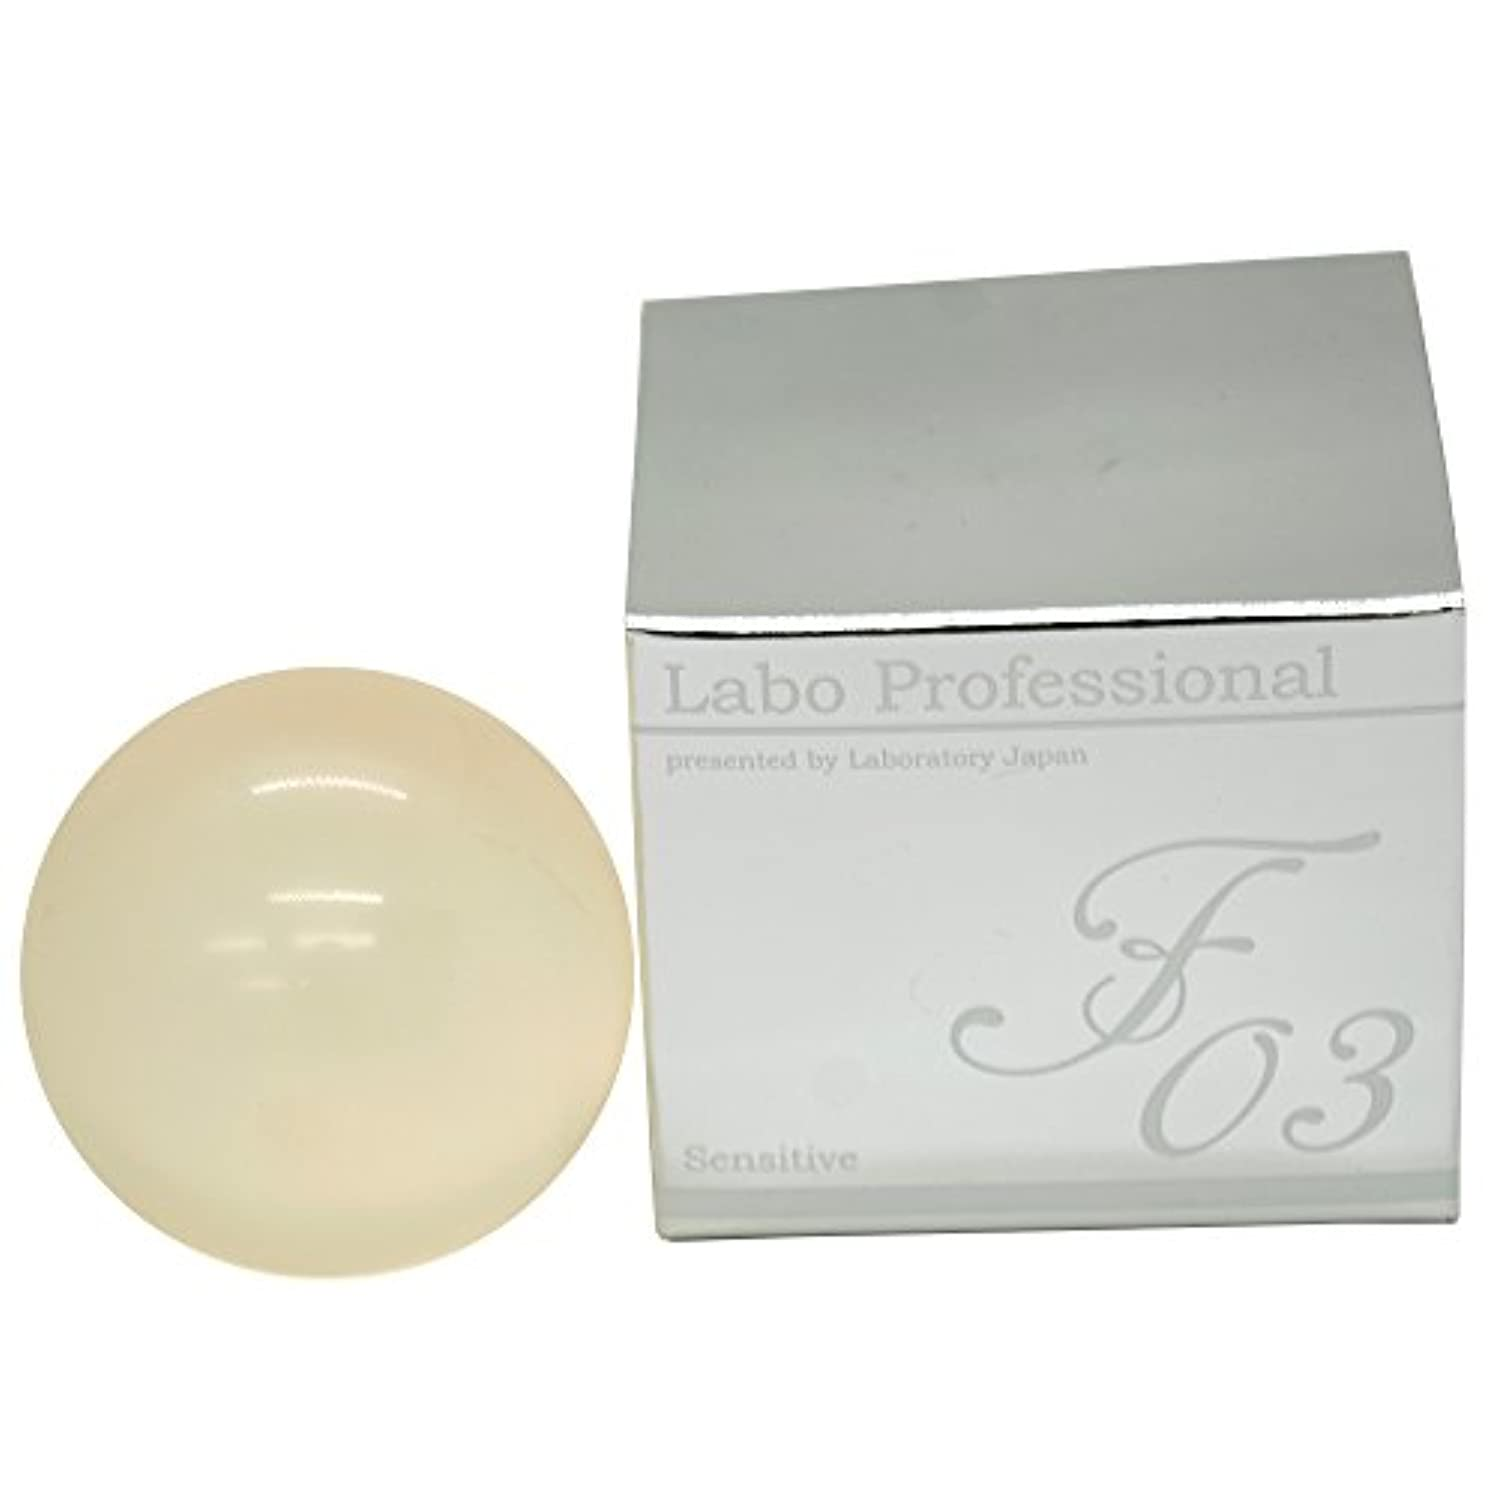 導入するペルーソファー日本製【真性フコイダン配合】赤ちゃんから使える 敏感肌向け美容石鹸 Labo Professional F03